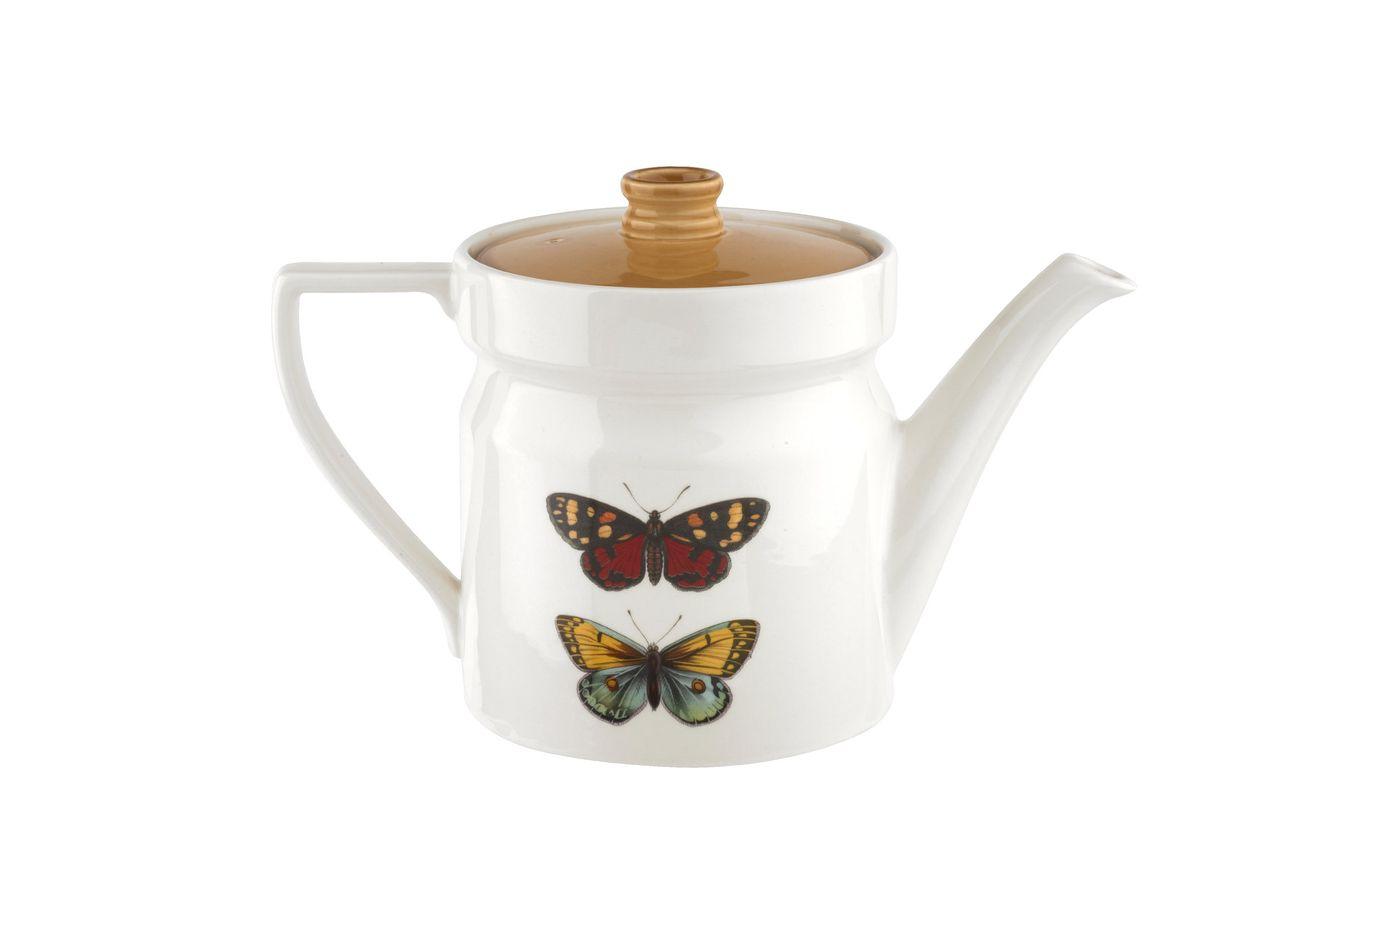 Portmeirion Botanic Garden Harmony Teapot 1.1l thumb 2